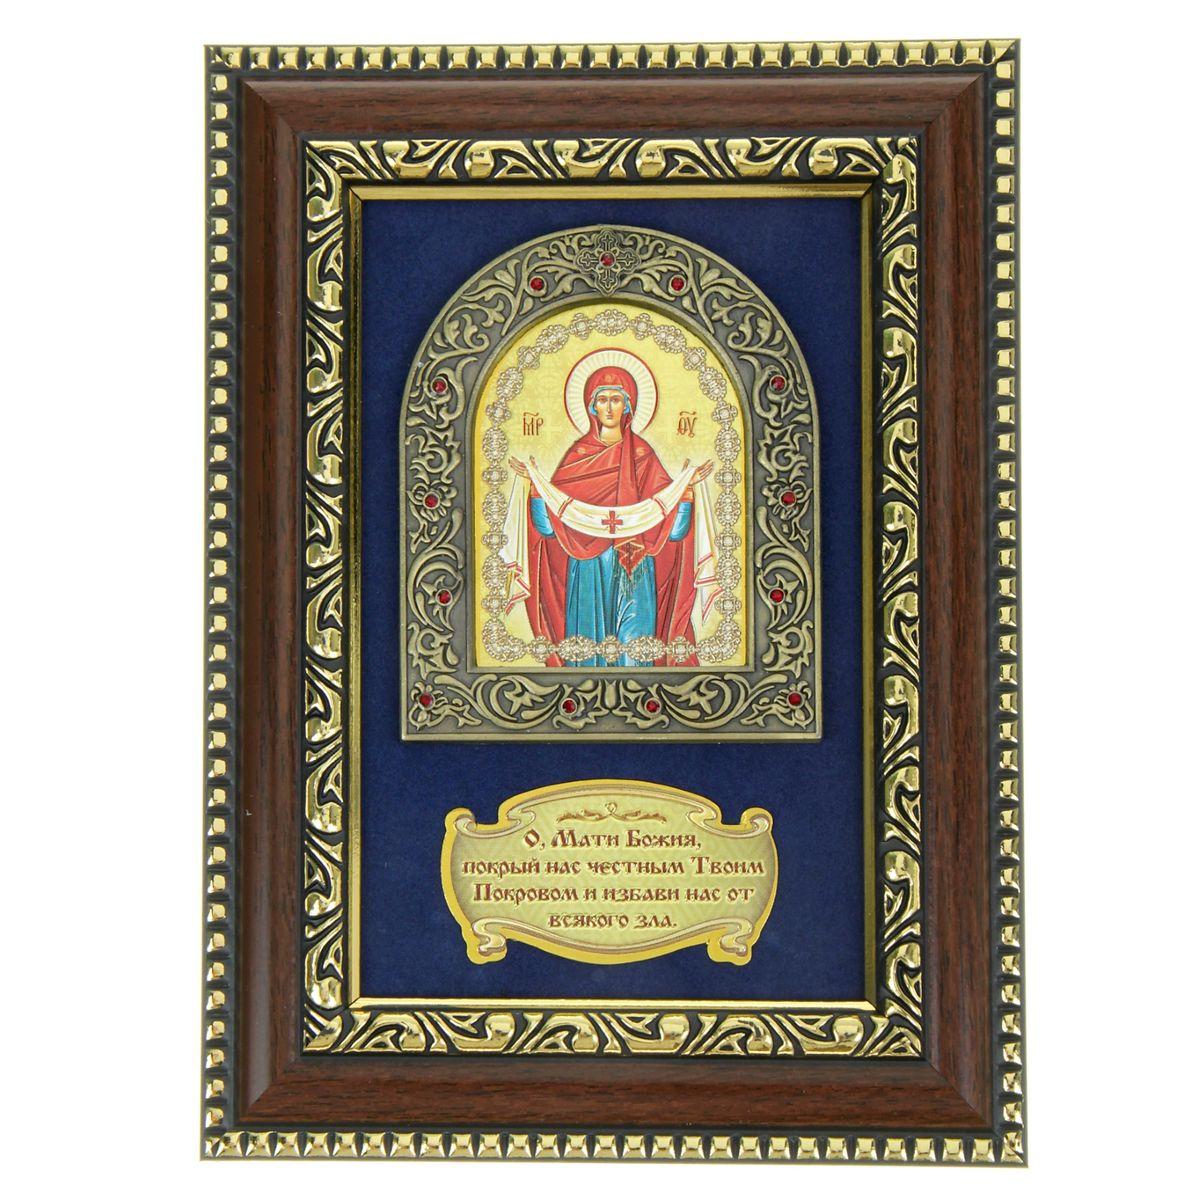 Панно-икона Покрова Пресвятой Богородицы, 14,5 х 19,5 см871076Панно-икона Покрова Пресвятой Богородицы представляет собой небольшую икону, размещенную на картонной подложке синего цвета. Ниже расположена табличка с молитвой О, Мати Божия, покрый нас честным Твоим Покровом и избави нас от всякого зла. Икона обрамлена в металлическую рамку, украшенную изысканным рельефом и инкрустированную мелкими красными стразами. Рамка для панно с золотистым узорным рельефом выполнена из дерева. Панно можно подвесить на стену или поставить на стол, для чего с задней стороны предусмотрена специальная ножка. Любое помещение выглядит незавершенным без правильно расположенных предметов интерьера. Они помогают создать уют, расставить акценты, подчеркнуть достоинства или скрыть недостатки. Не бывает незначительных деталей. Из мелочей складывается образ человека и стиль интерьера. Панно-икона Покрова Пресвятой Богородицы - одна из тех деталей, которые придают дому обжитой вид и создают ощущение уюта.